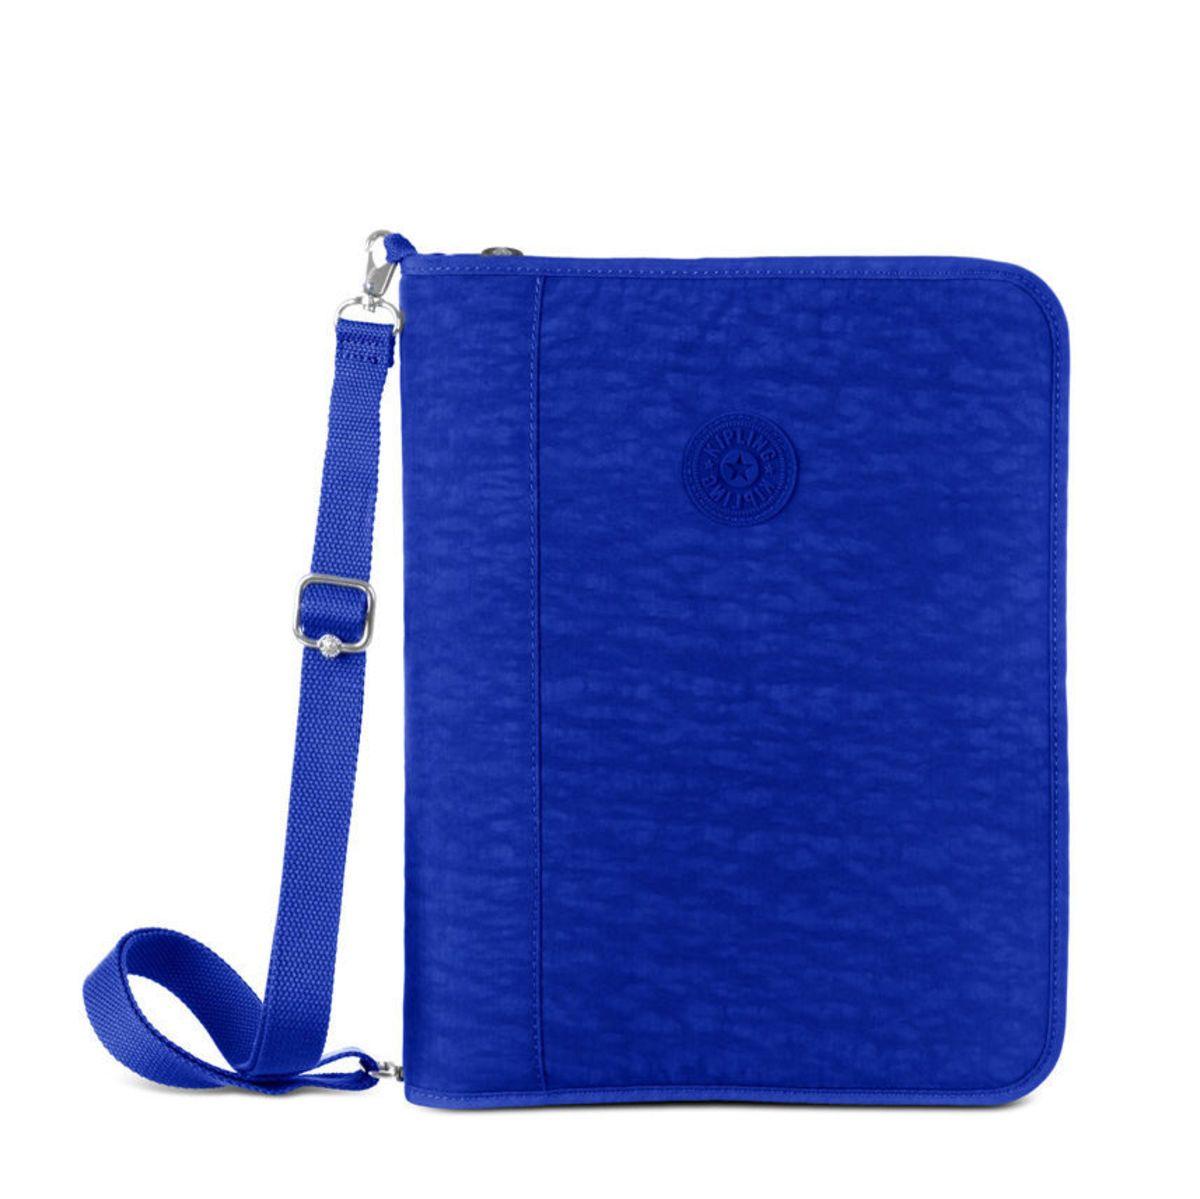 e4570d11b fichario azul escuro da kipling | Kipling | Fichario escolar ...